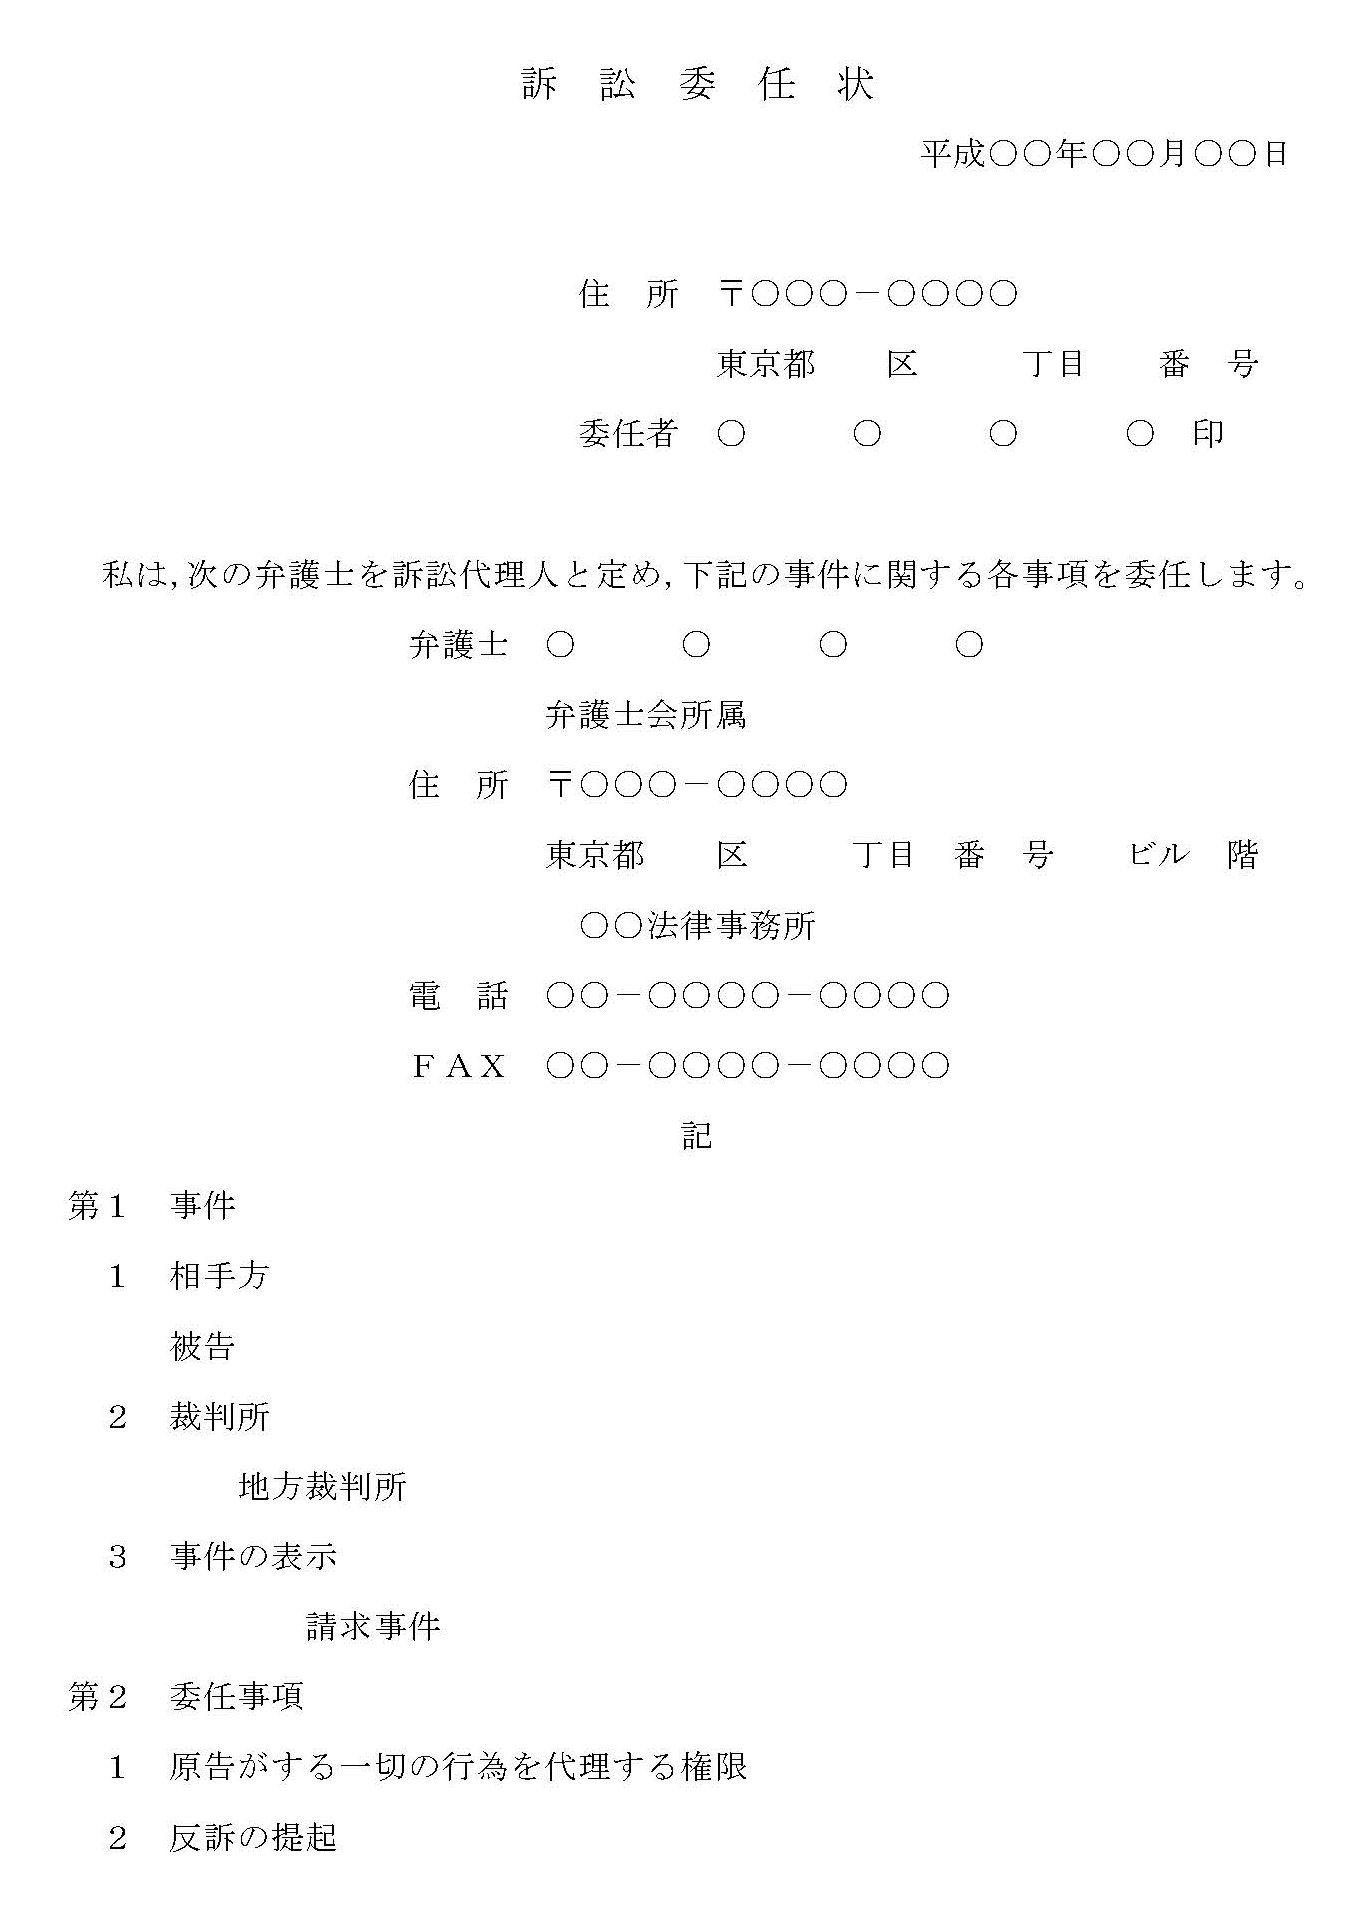 訴訟委任状のテンプレート書式ページ1